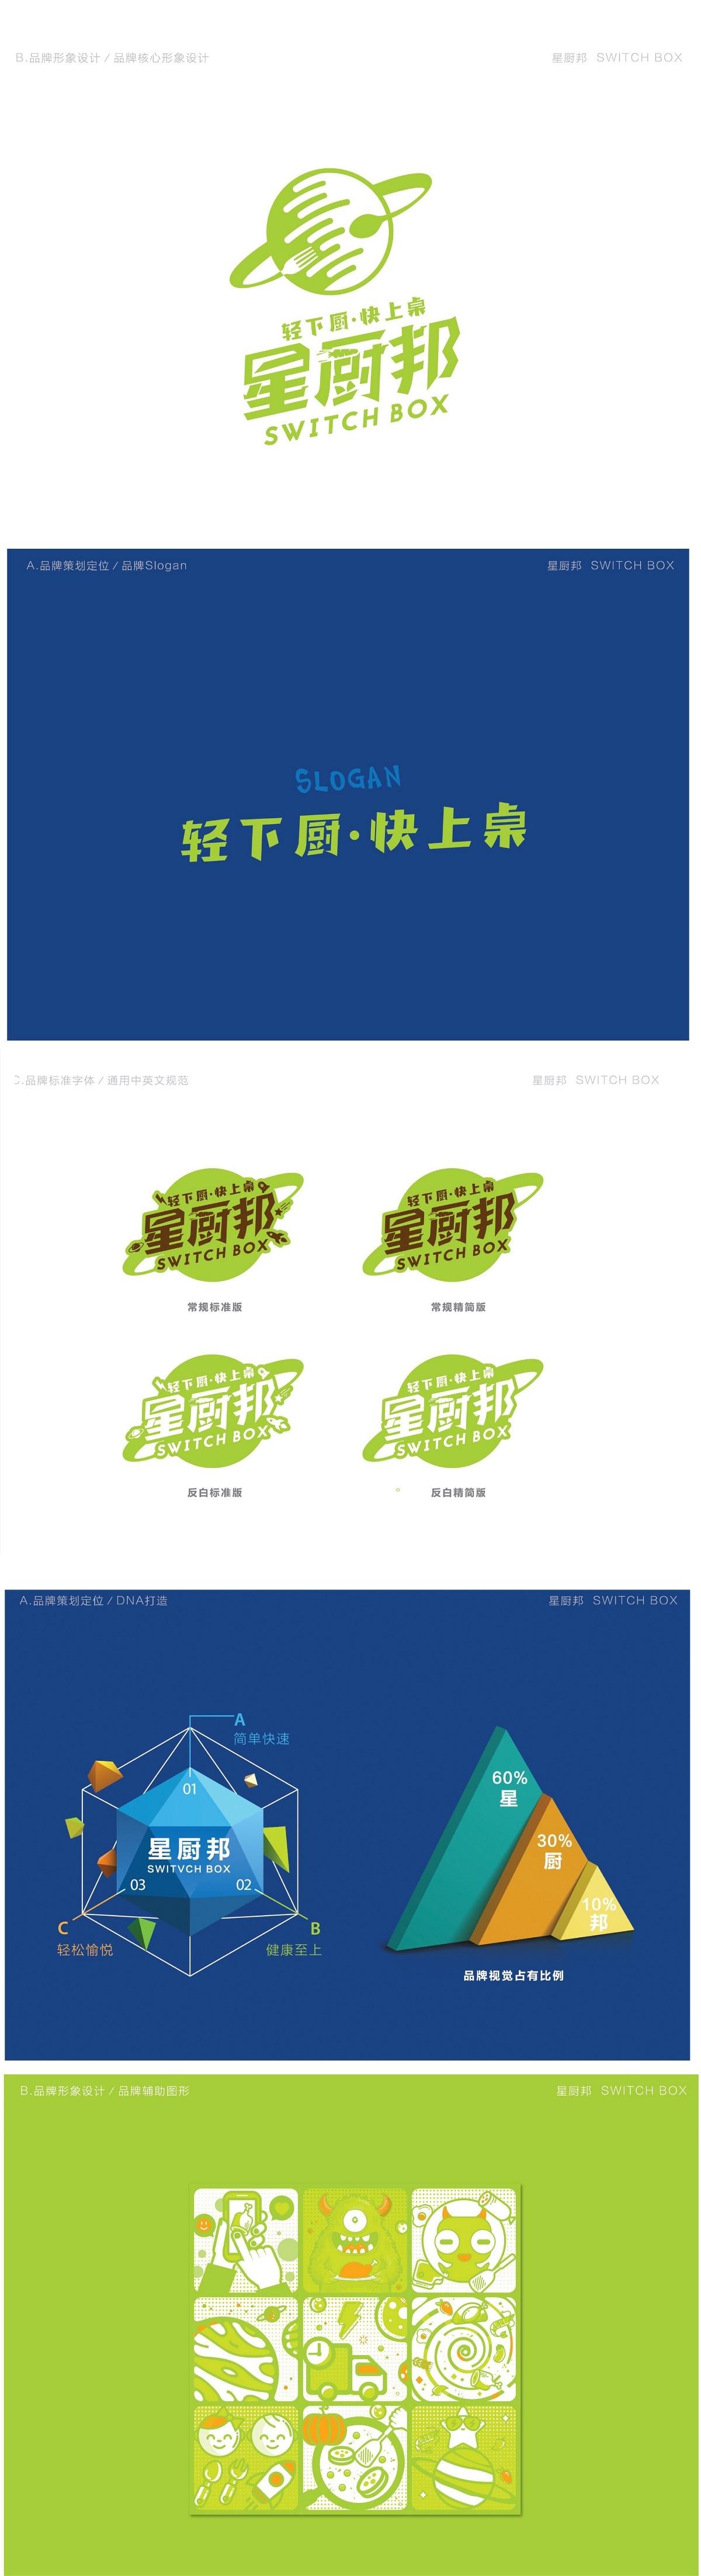 星廚邦品牌設計 生鮮logo設計 餐飲標誌設計  餐飲品牌全案  IP品牌